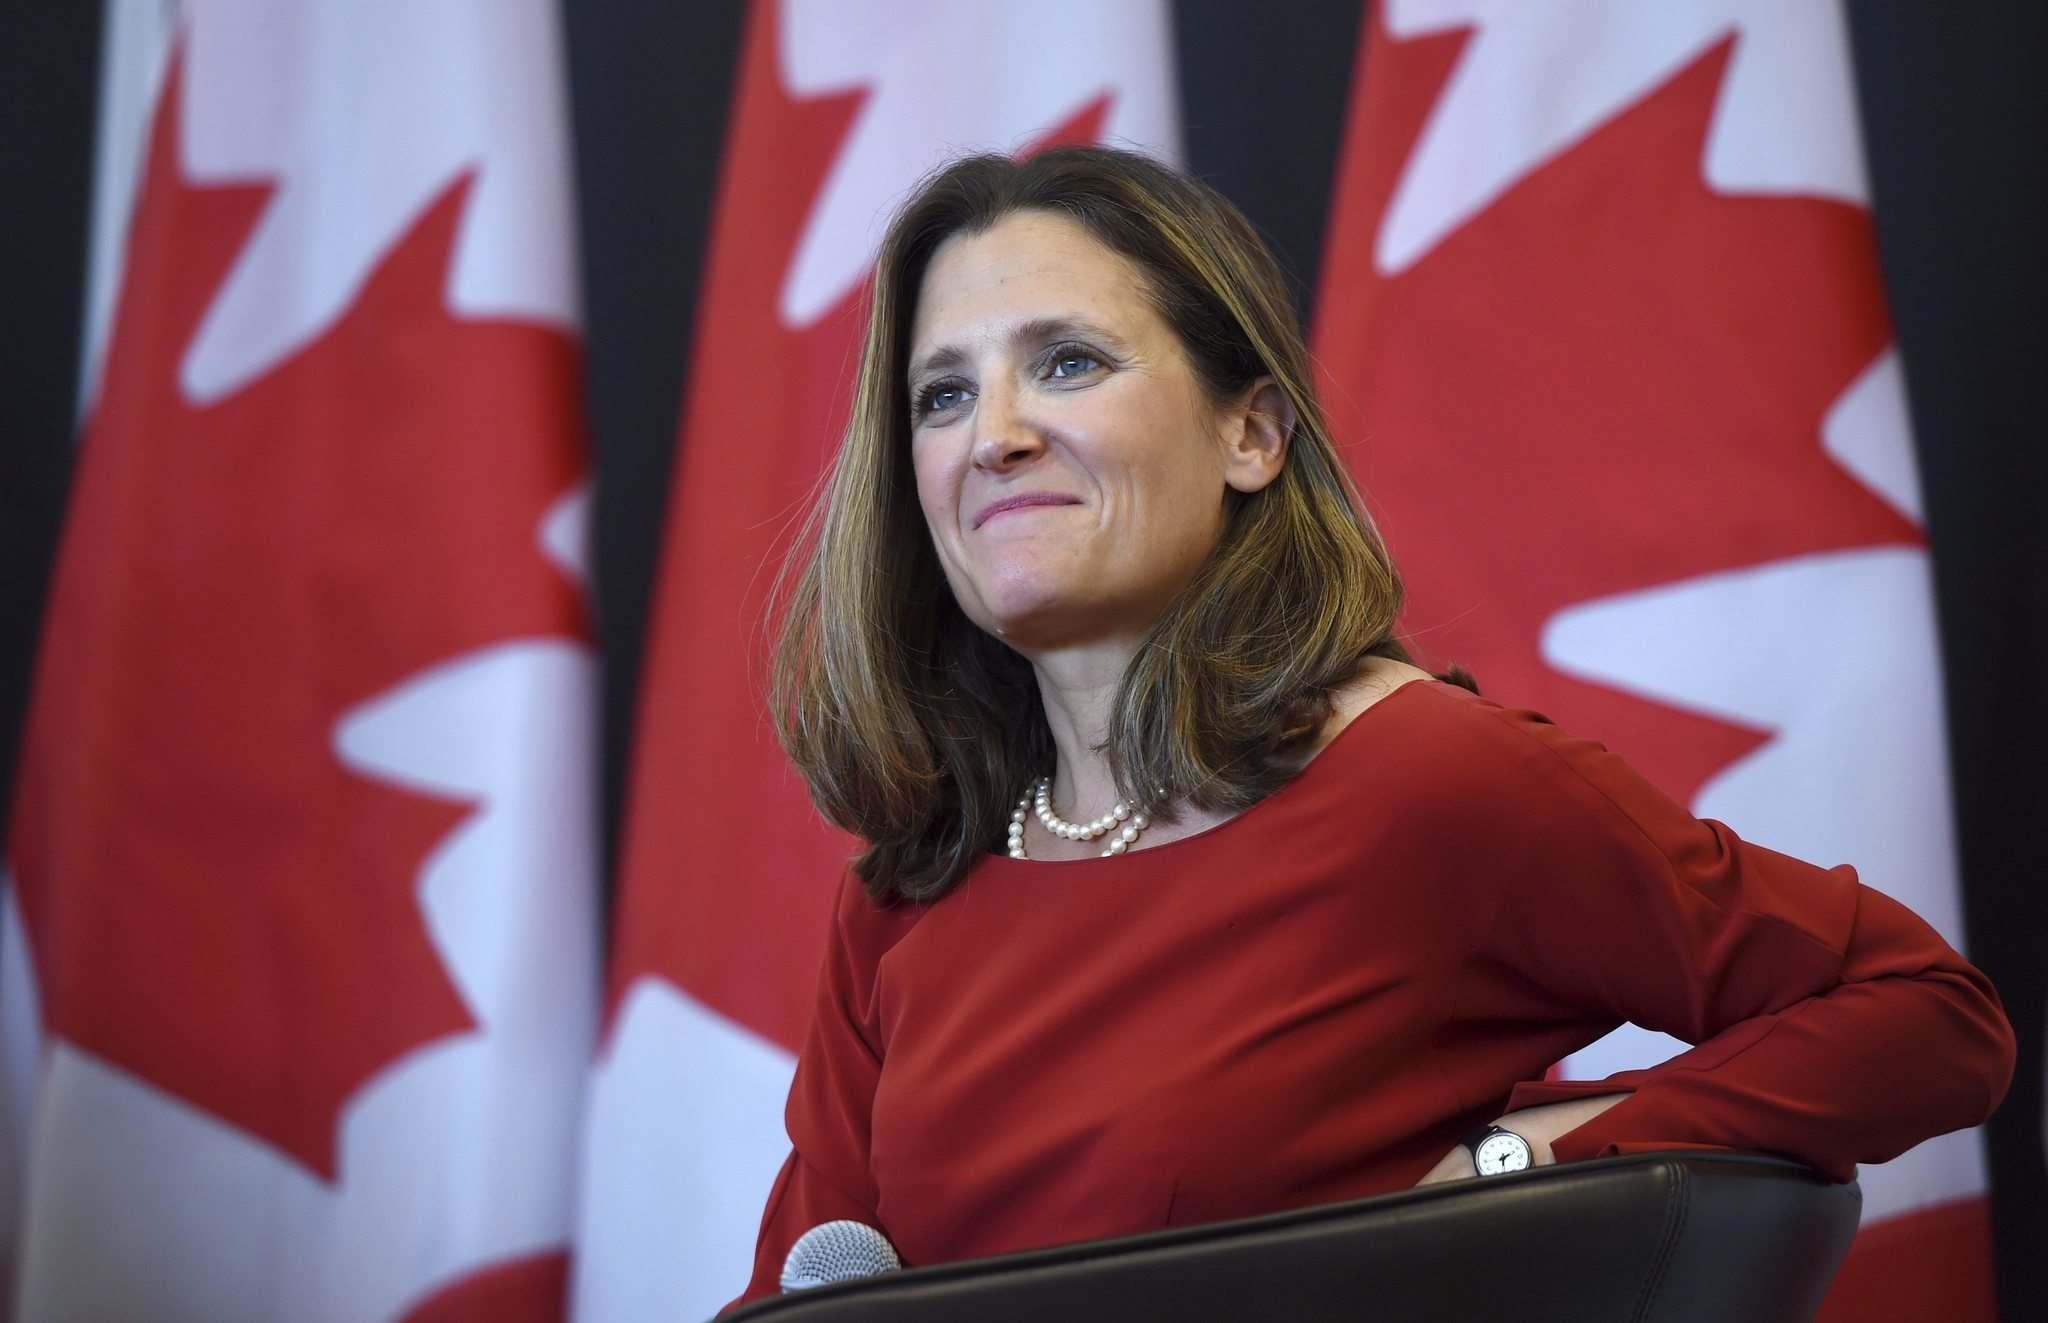 وزيرة الخارجية الكندية: نمر بمرحلة مكثفة من المفاوضات بخصوص اتفاقية NAFTA